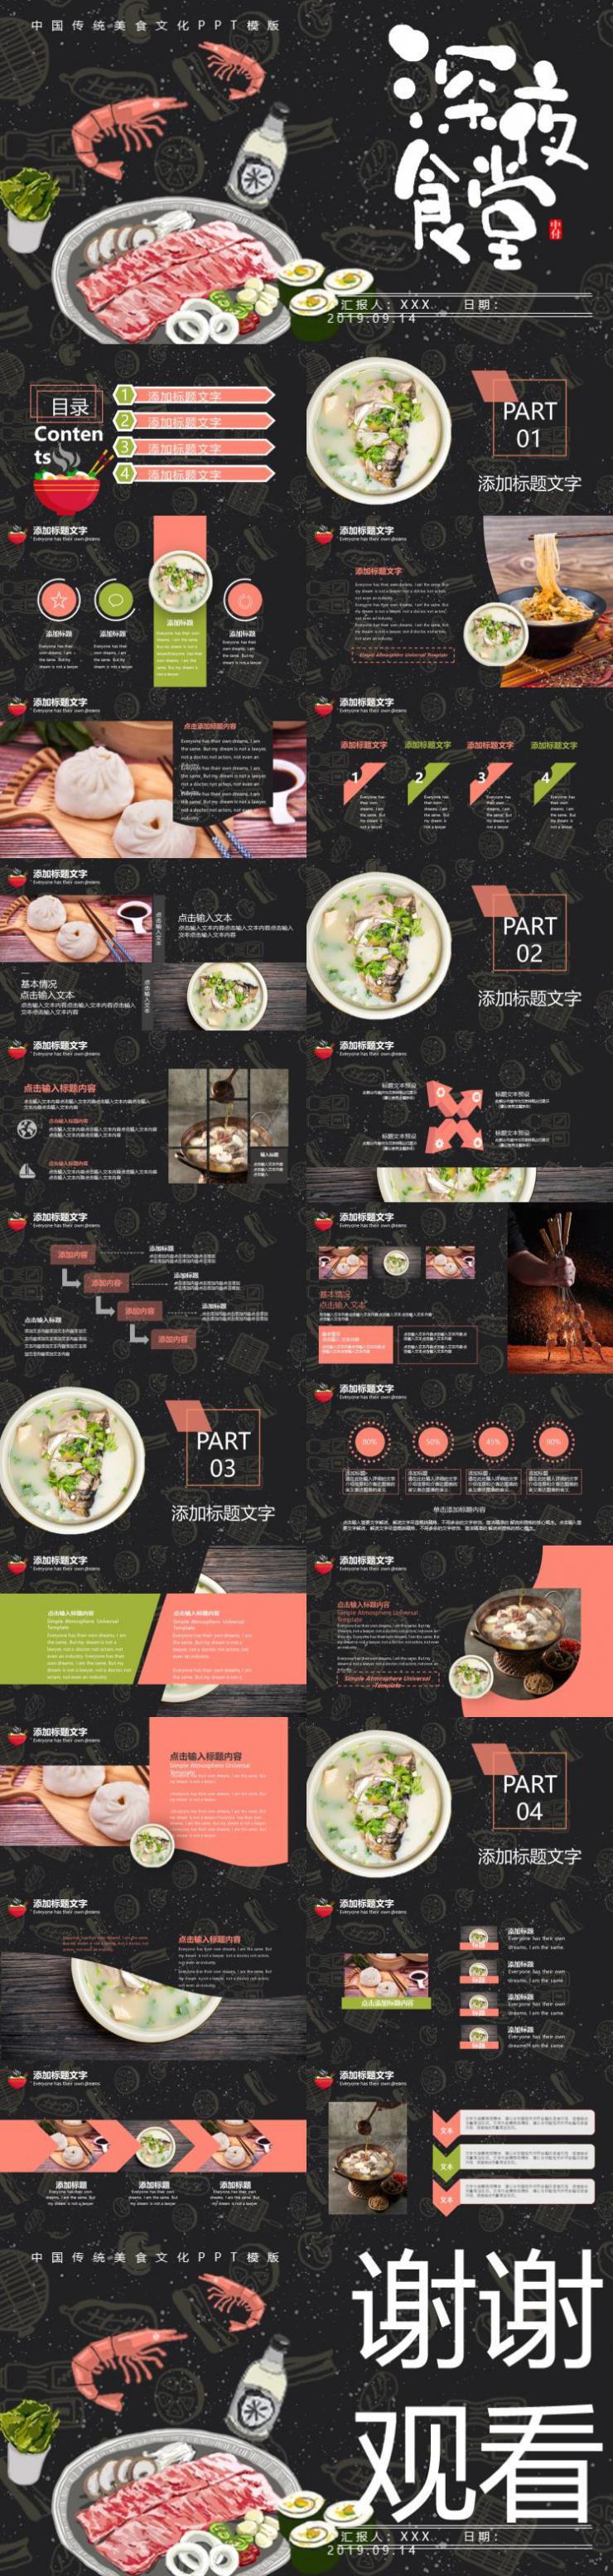 中国传统美食文化PPT模版